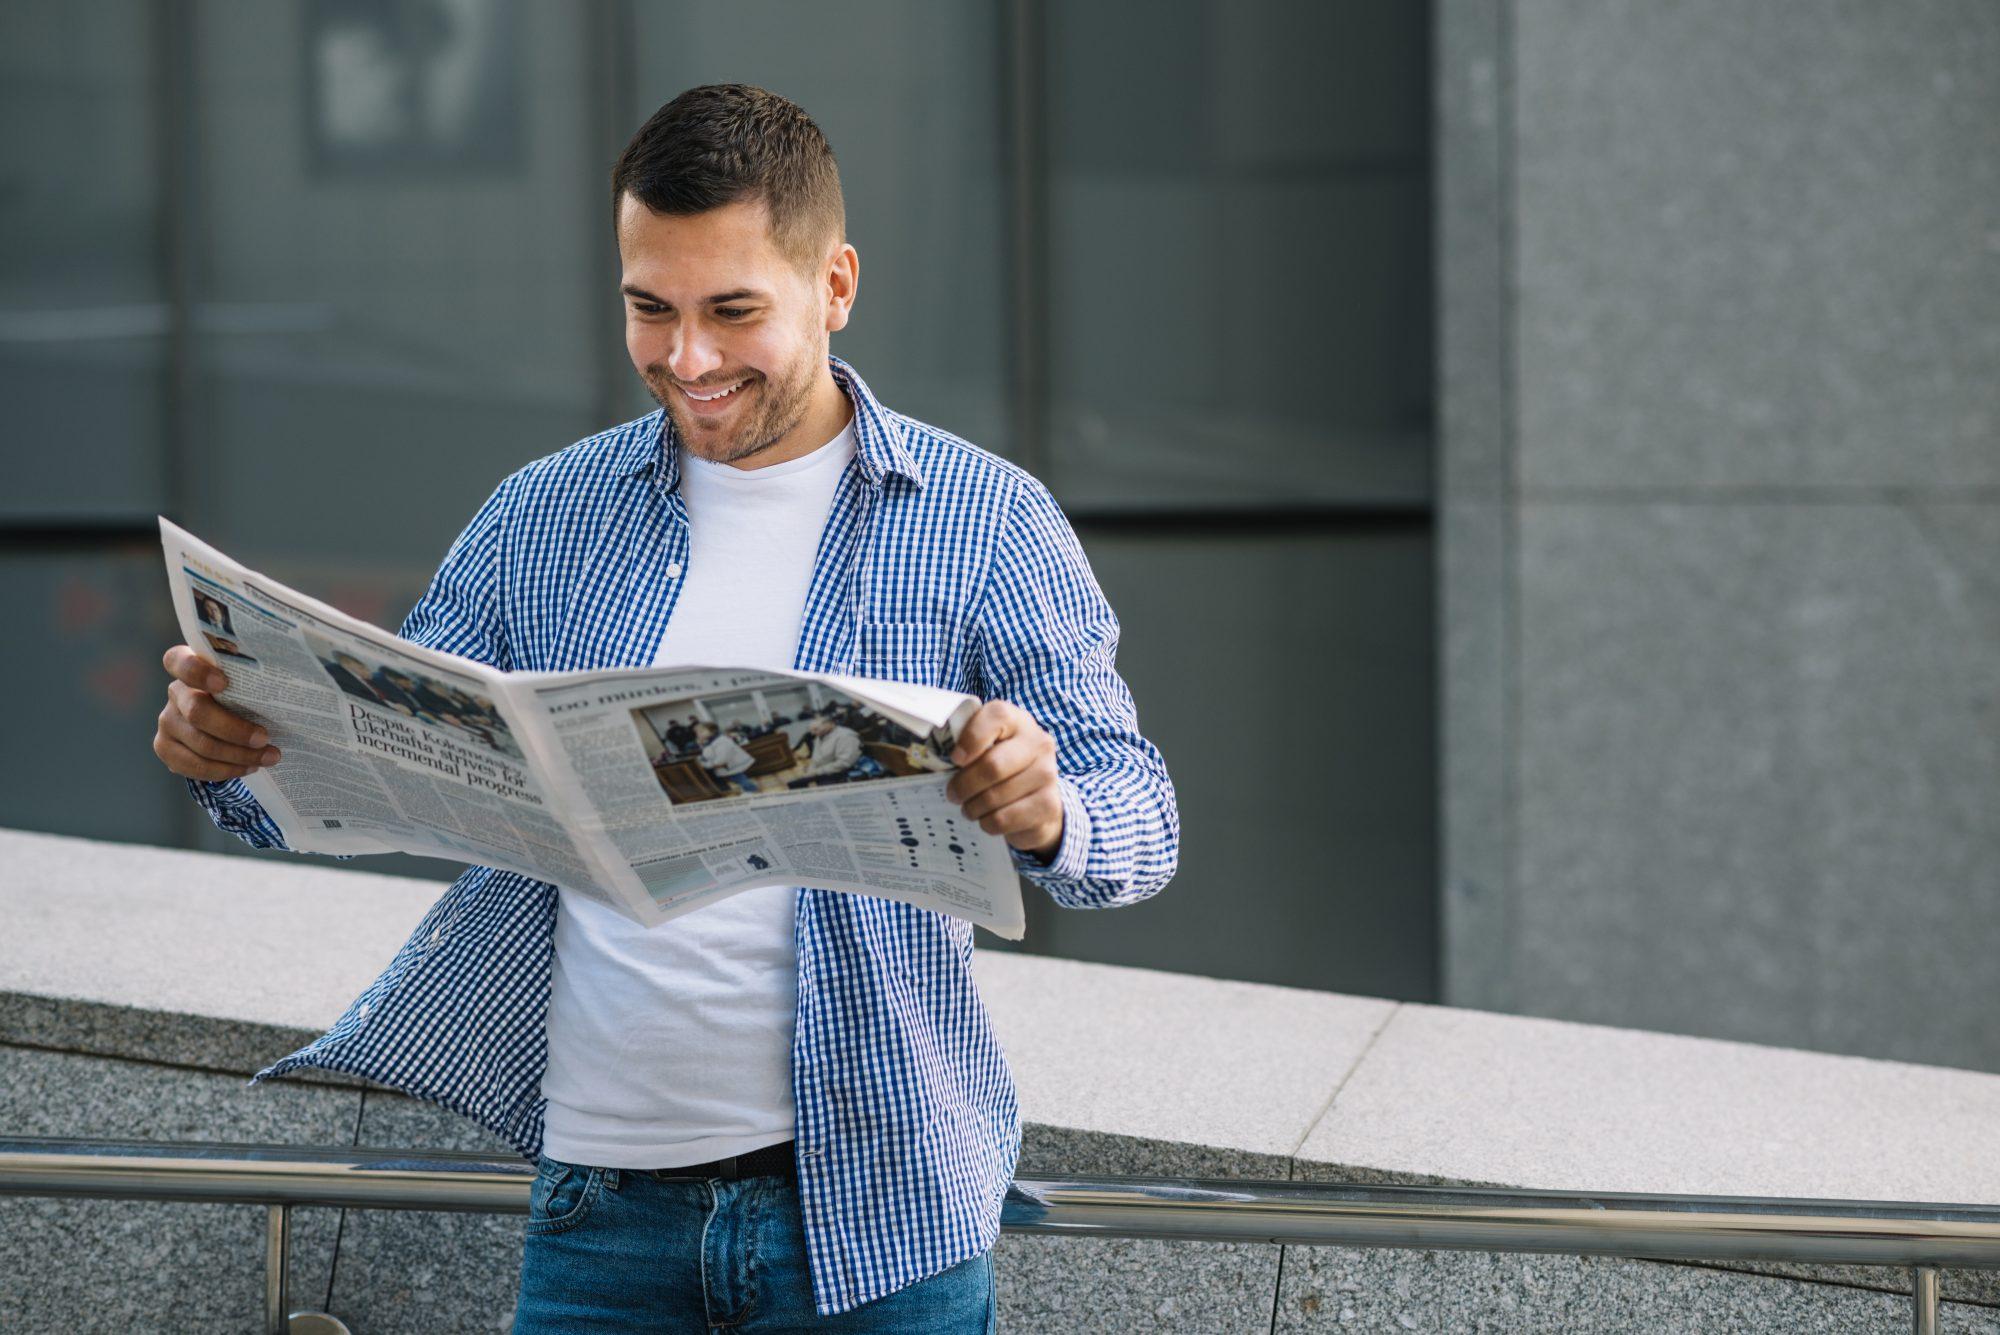 читатель с газетой картинки сделал первые вздохи